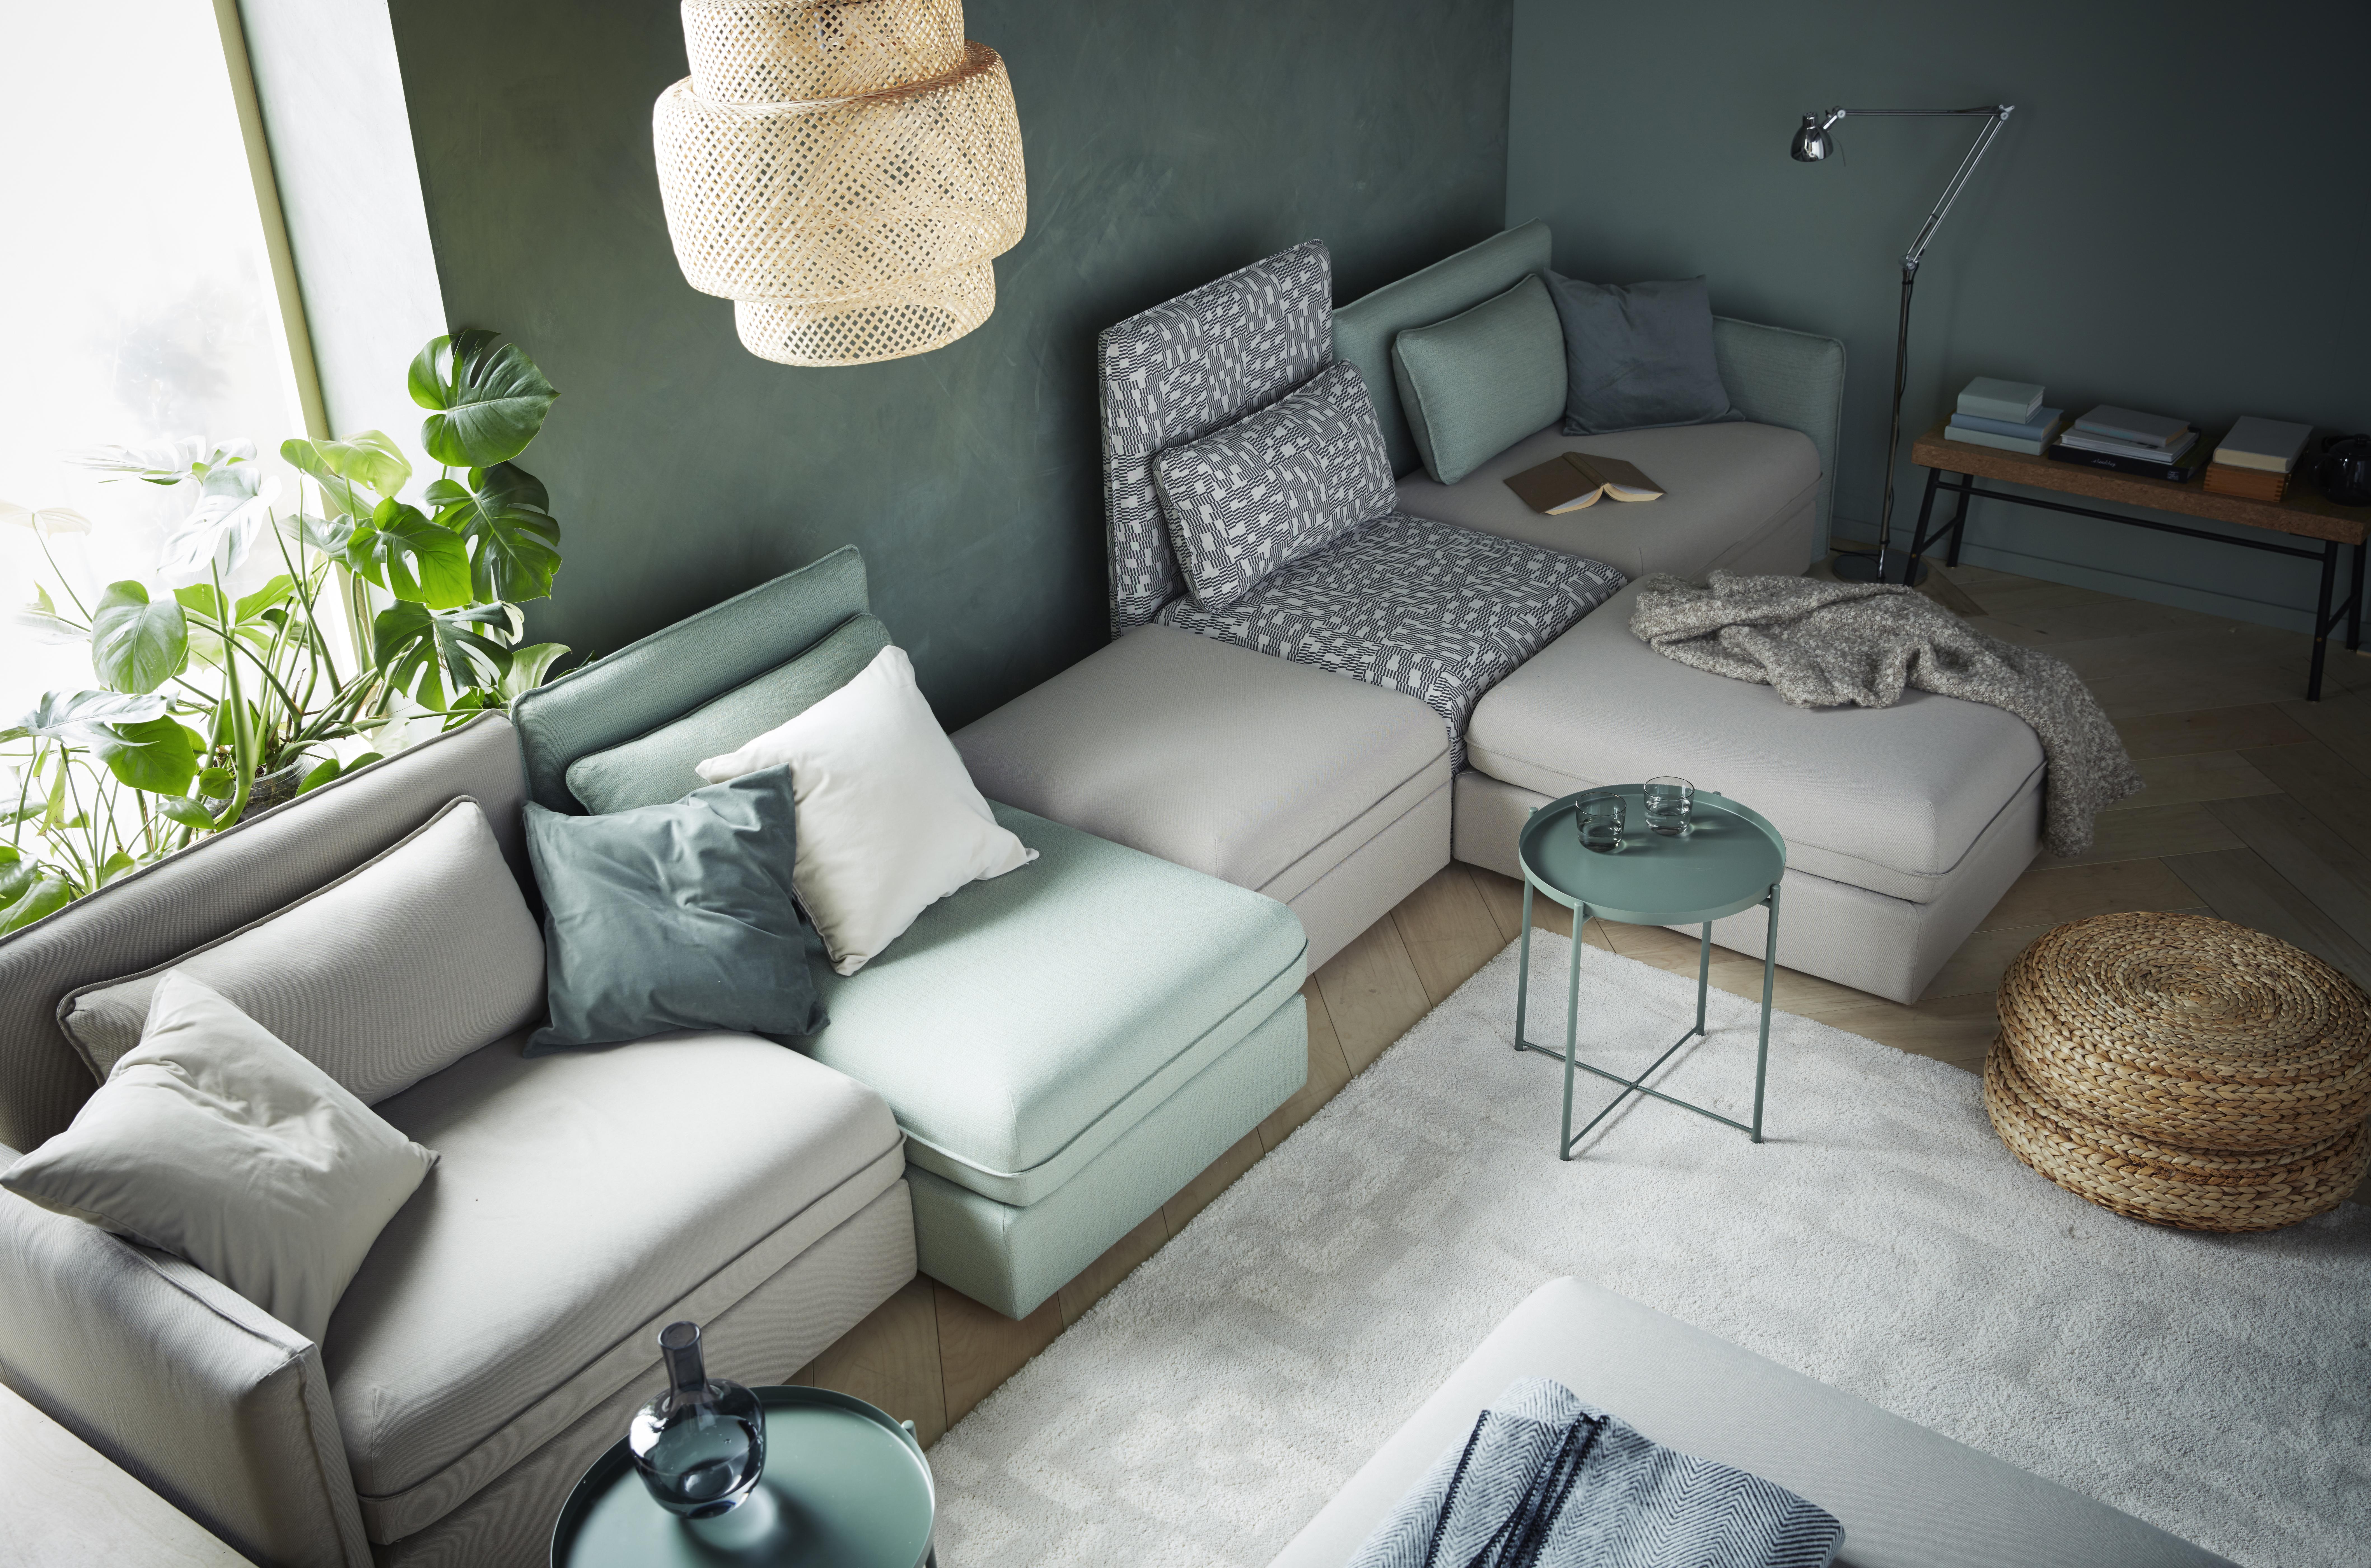 10 novedades del catálogo de IKEA 2018 que pueden convertirse en ...